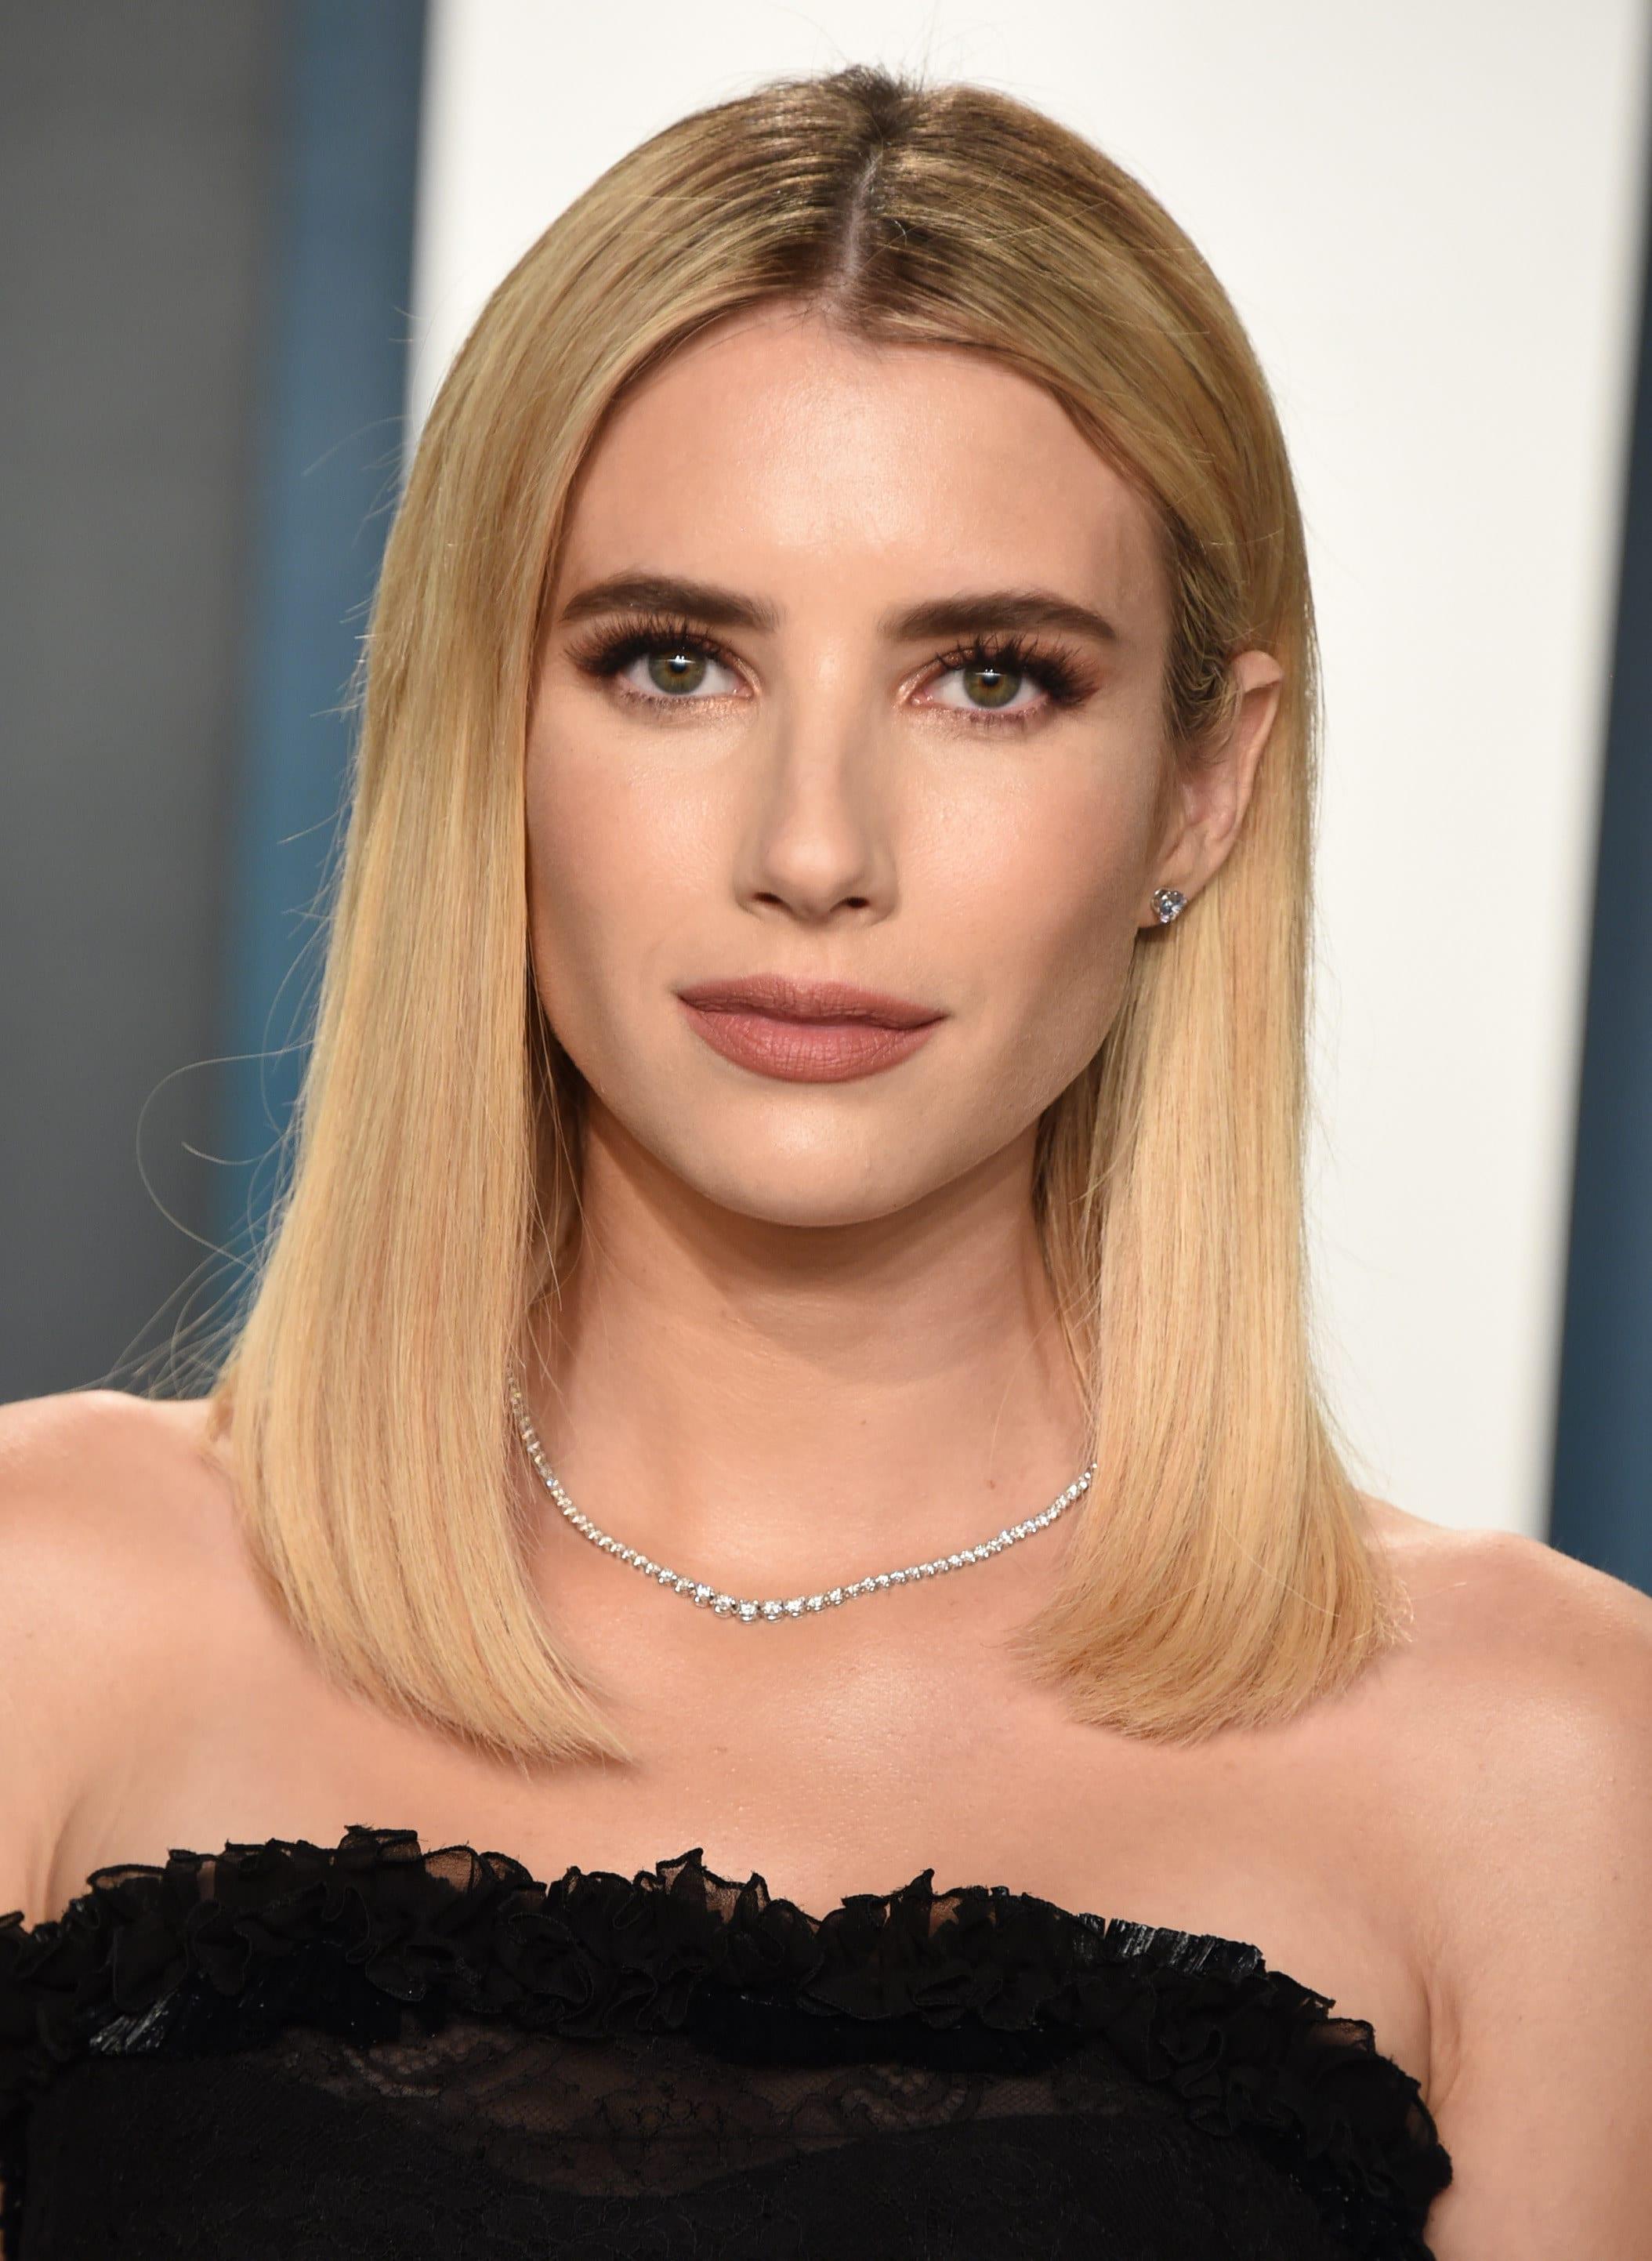 Roberts at the 2020 Vanity Fair Oscar party